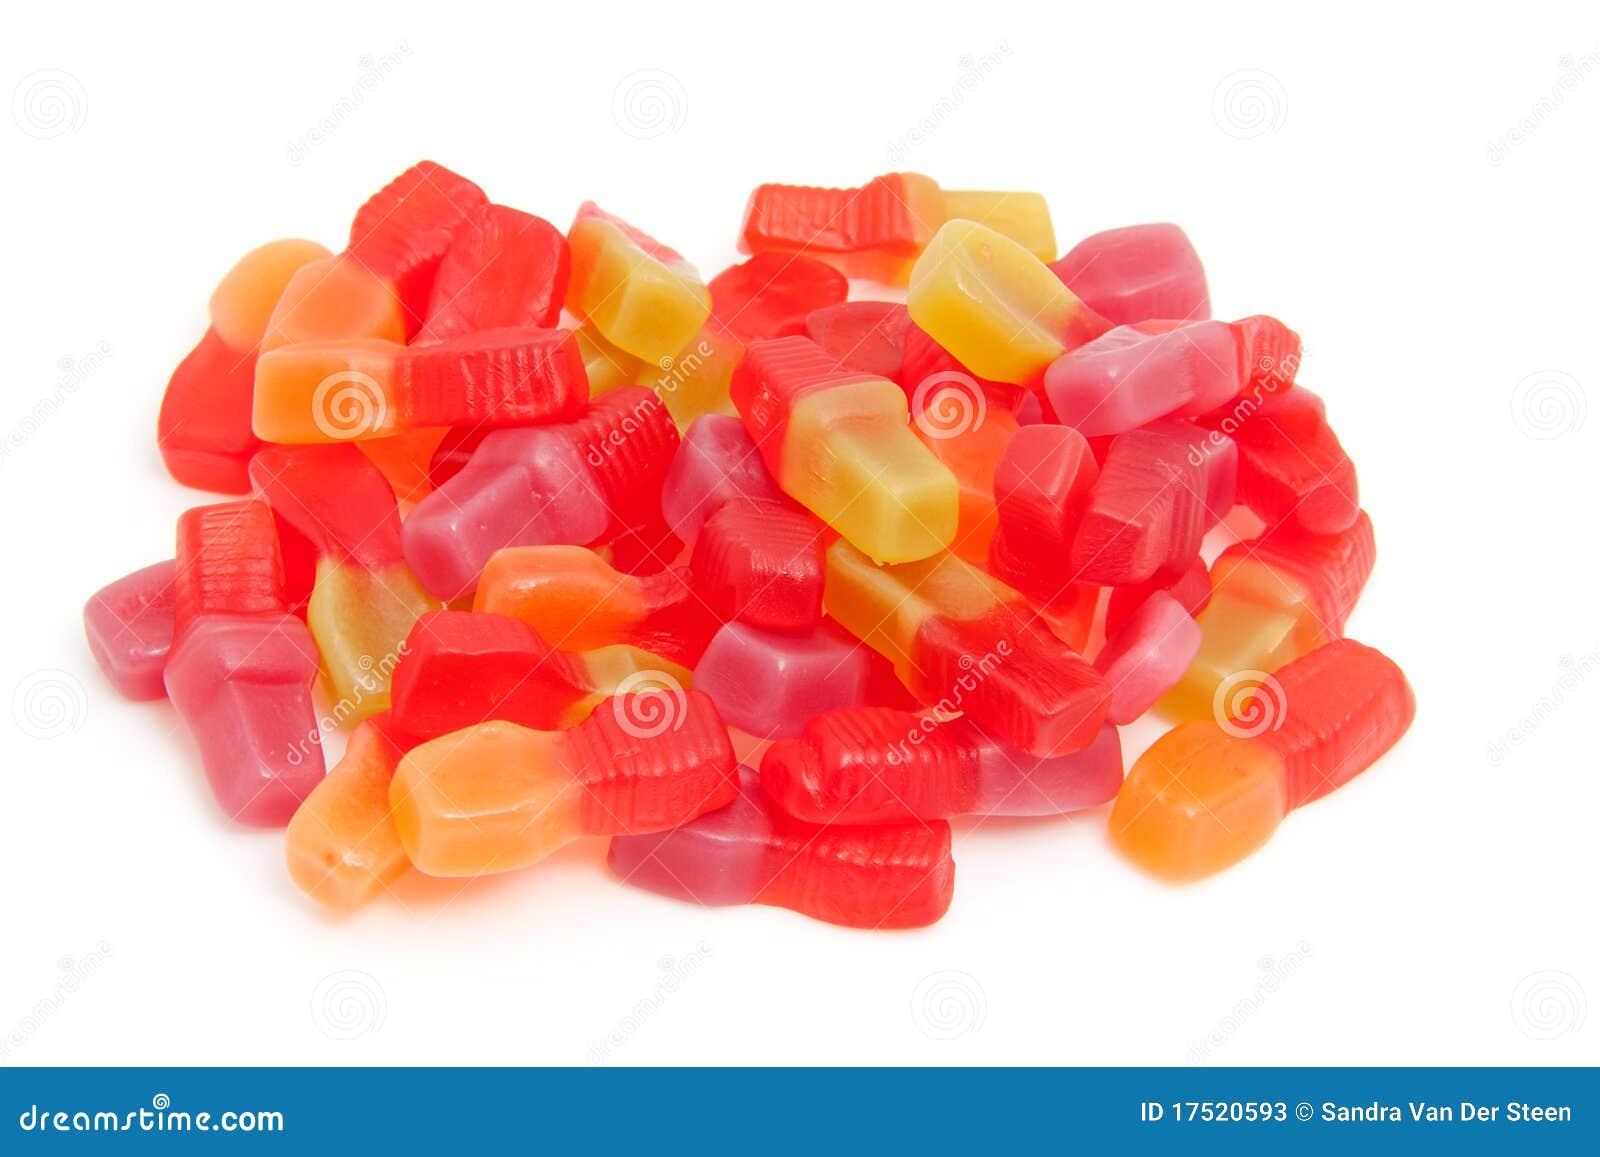 Stapel van zoet kleurrijk suikergoed